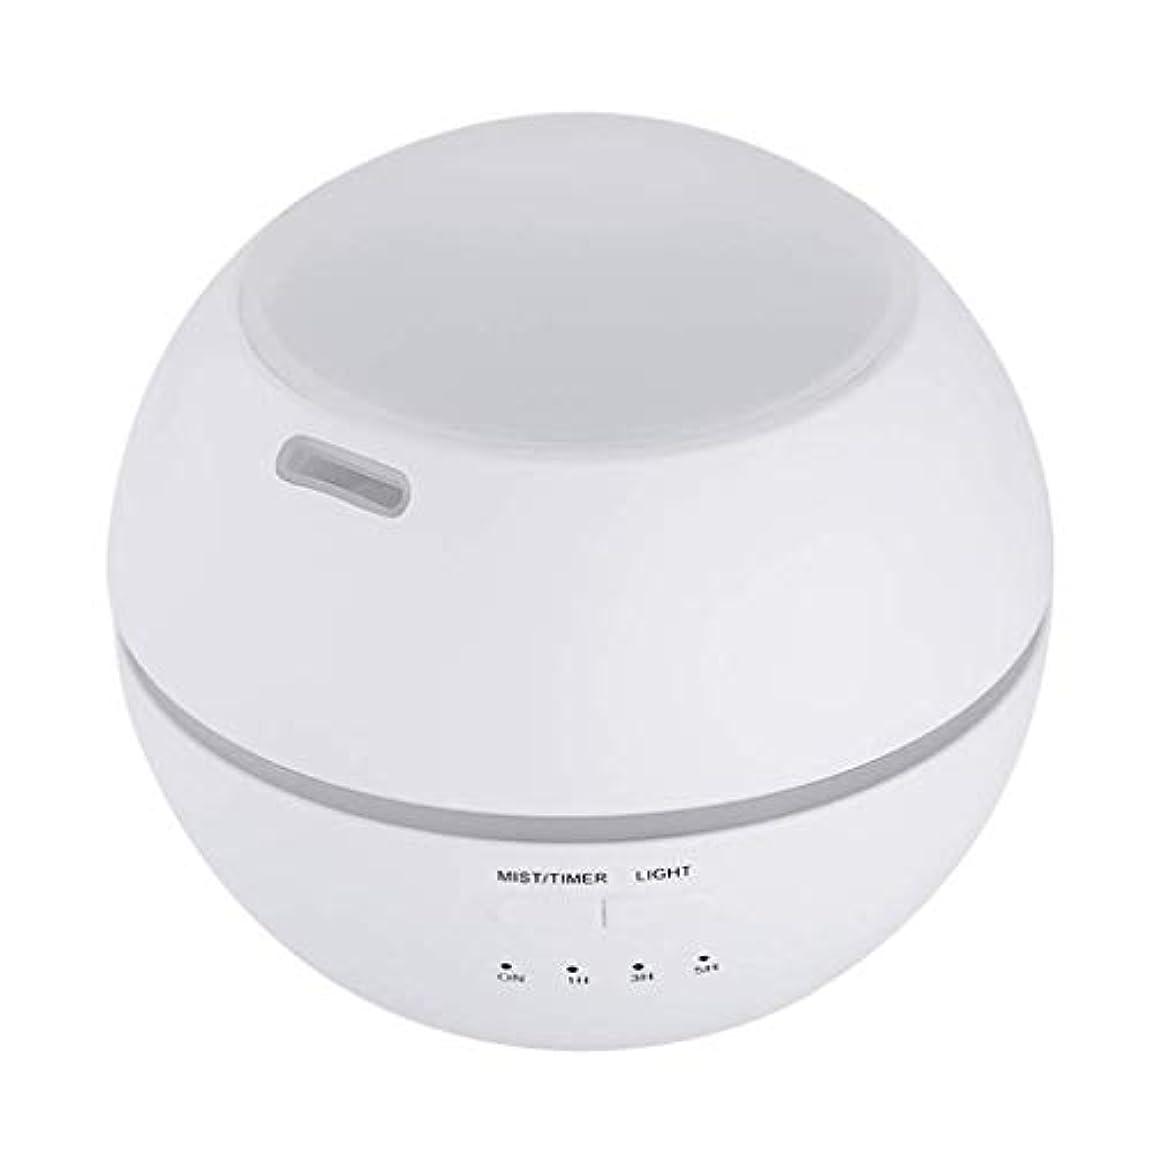 保安実行絞る加湿器、ポータブルアロマテラピーランプ、エッセンシャルオイルディフューザー加湿器、LEDランプの色を変える、空気清浄アロマテラピーマシン、サイレント家庭用 (Color : 白)